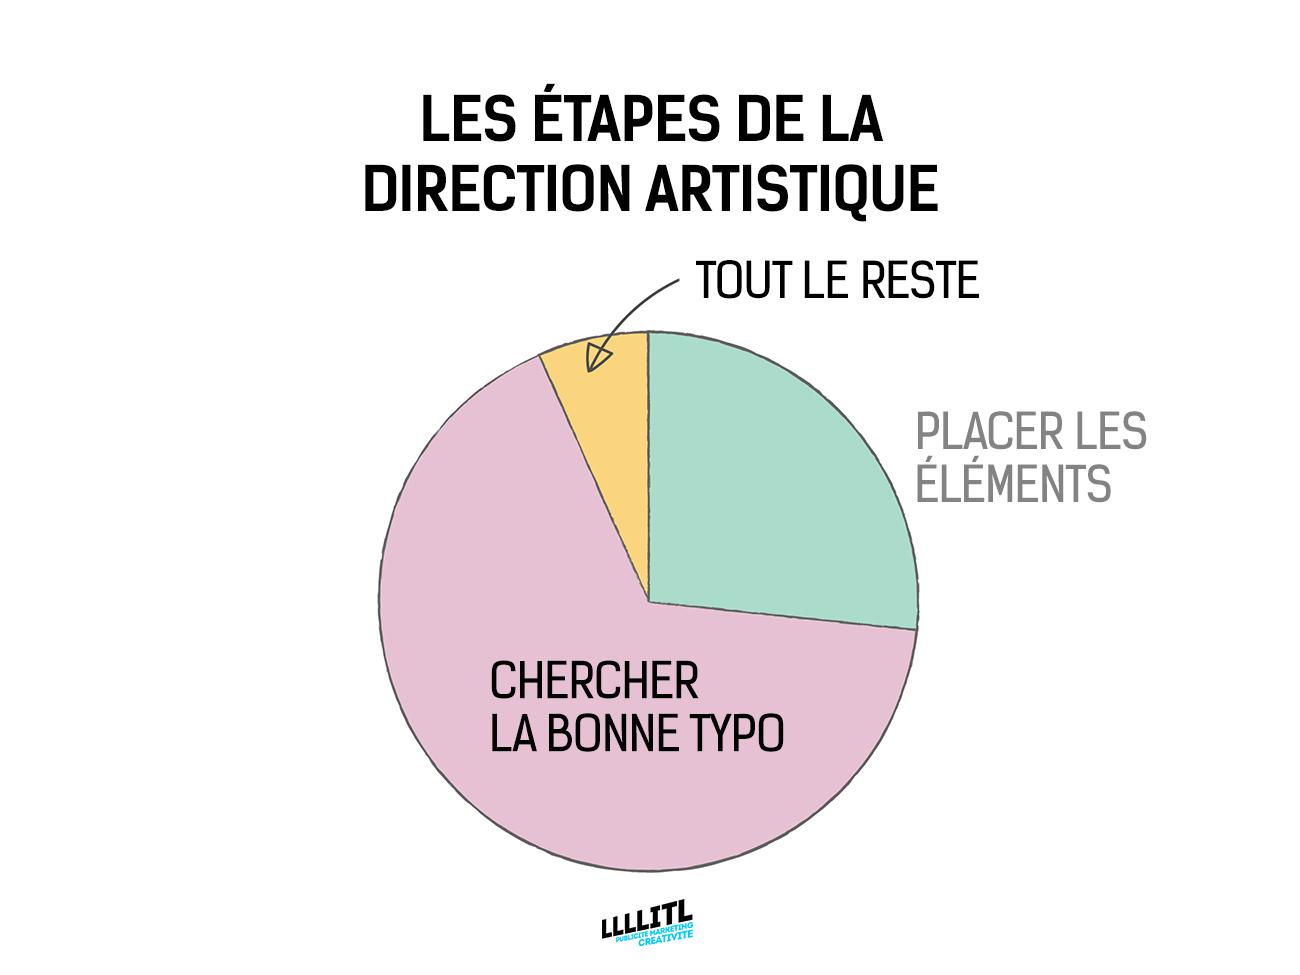 directeur-artistique-graphiste-creatif-caricature-problemes-graphiques-agence-publicite-10